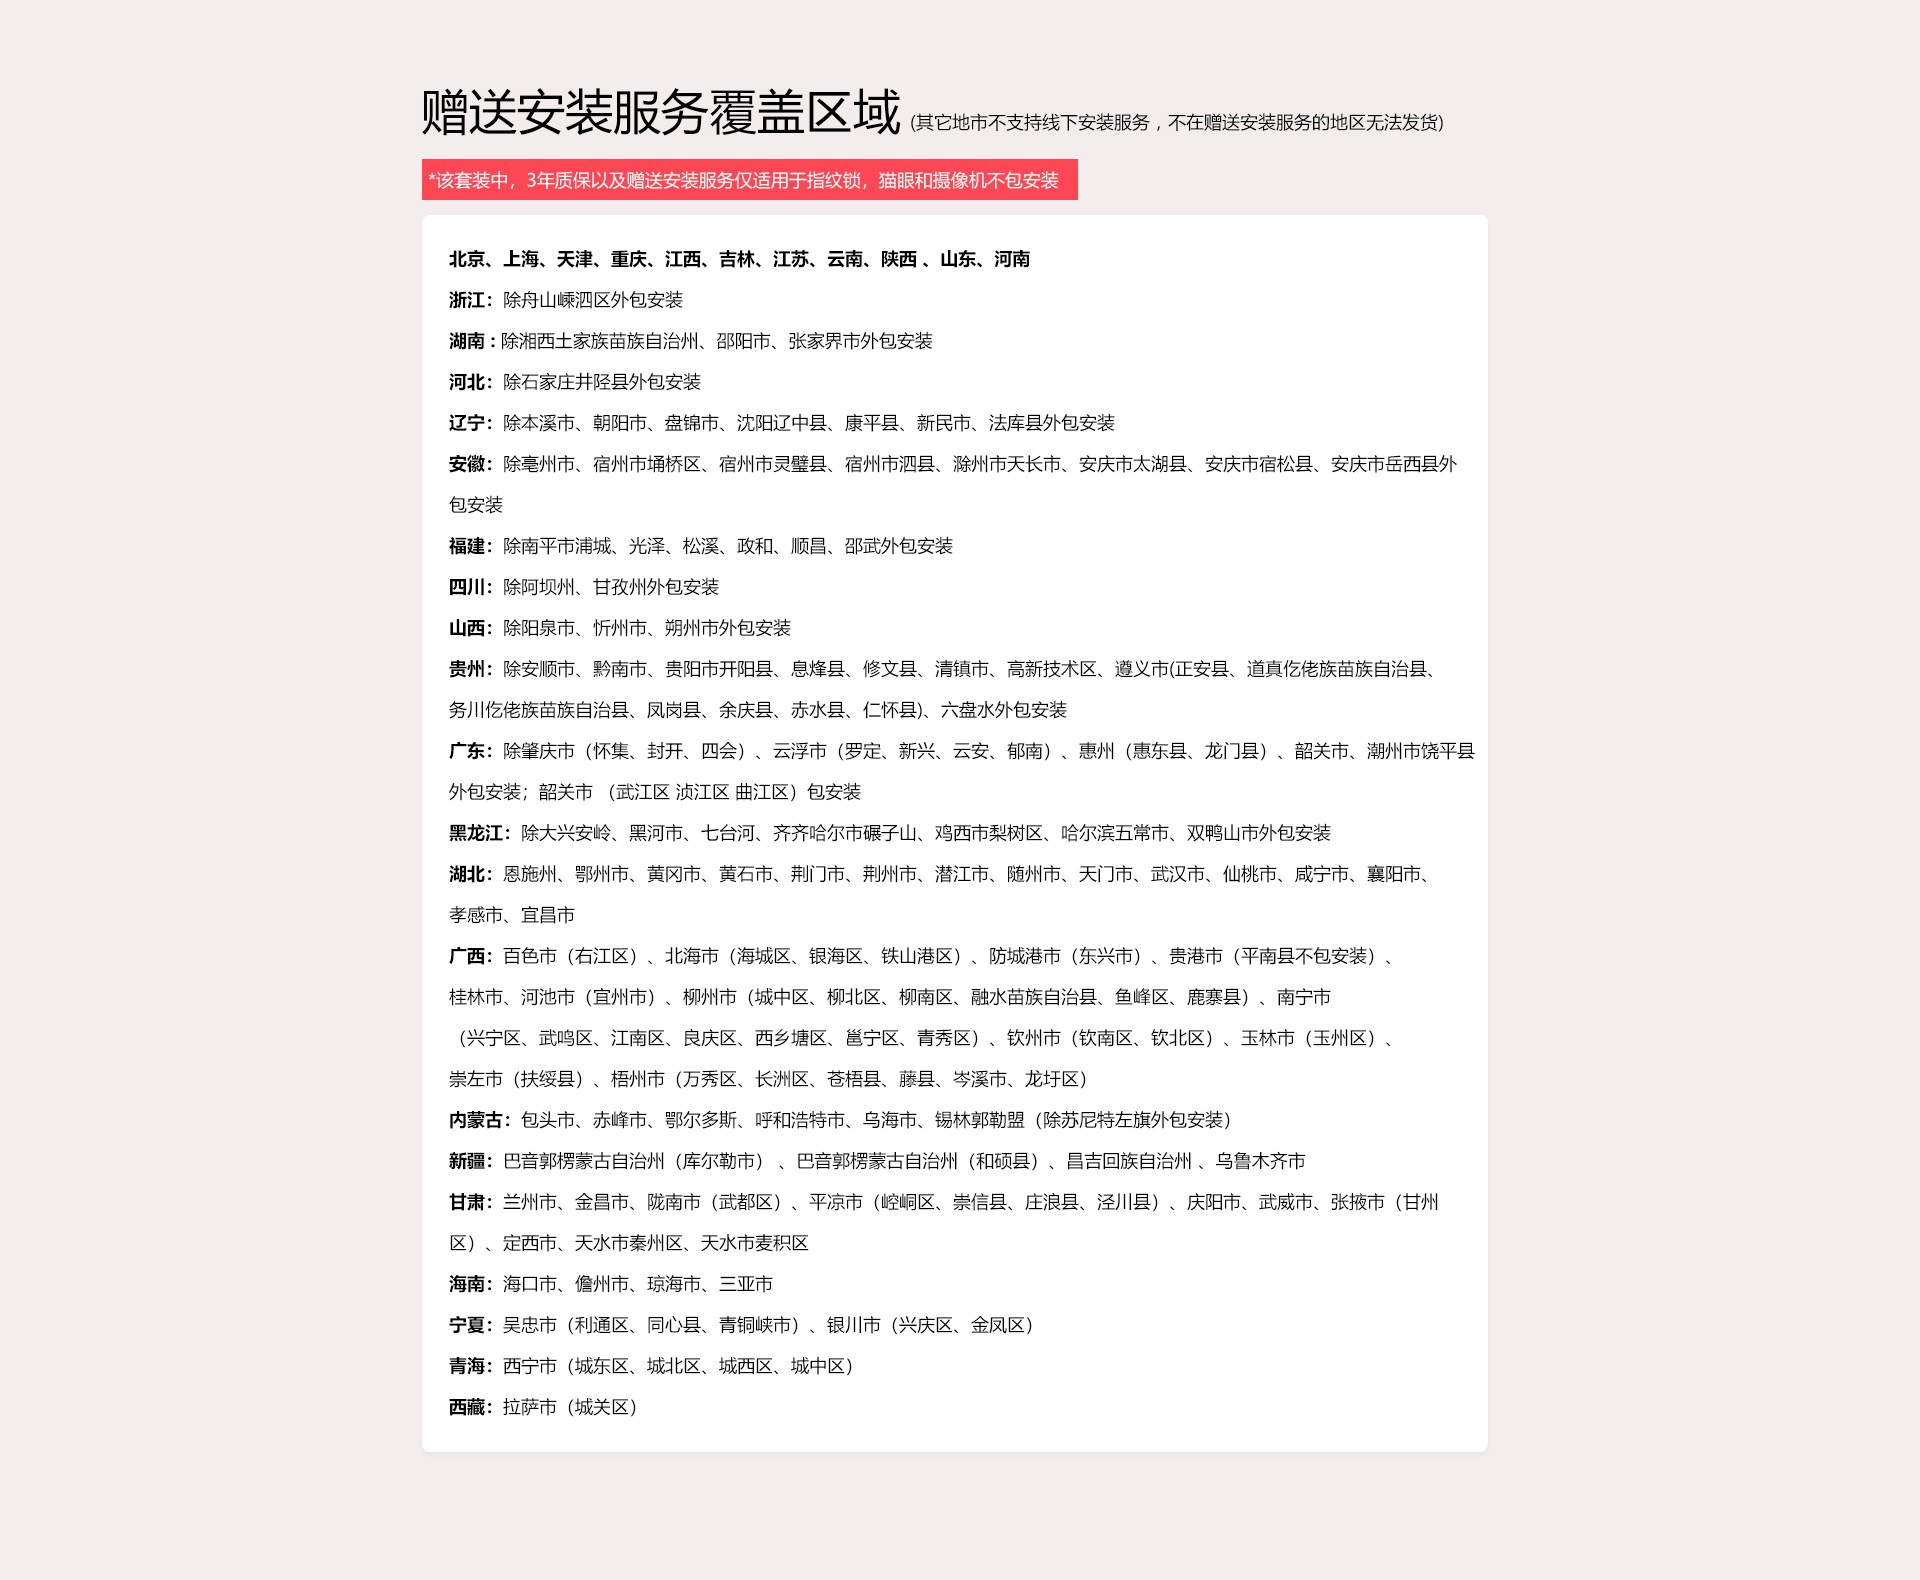 自助购物须知-PC-套装_01.jpg